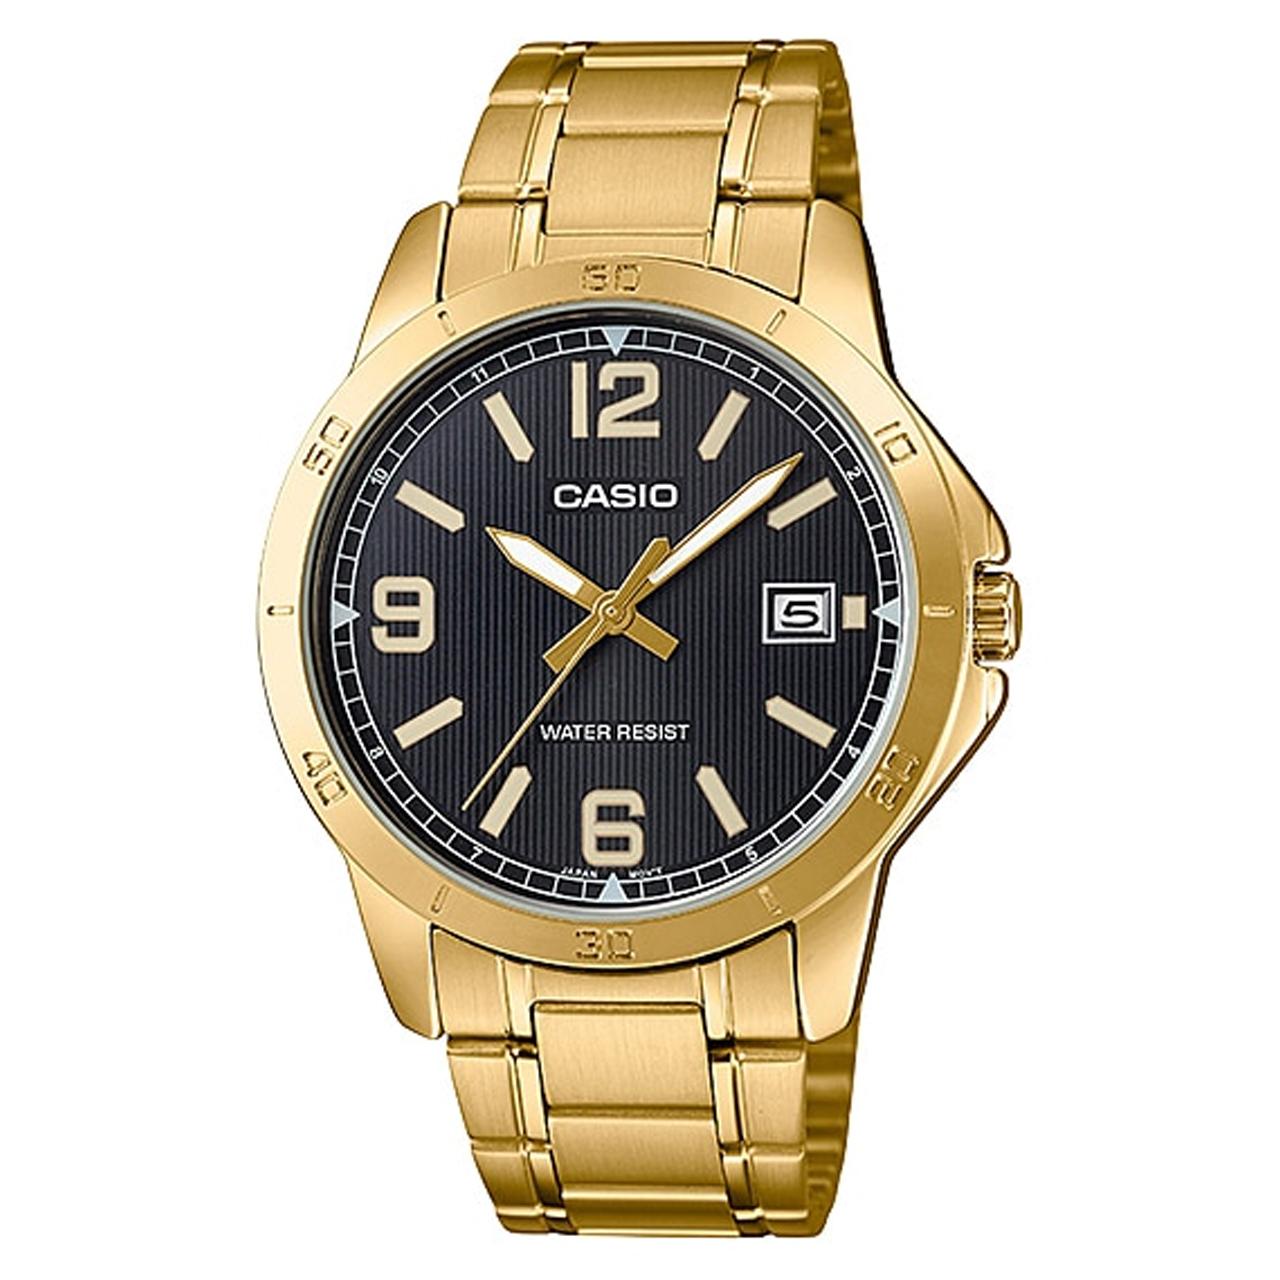 ساعت مچی عقربه ای مردانه کاسیو مدل MTP-V004G-1BUDF              ارزان